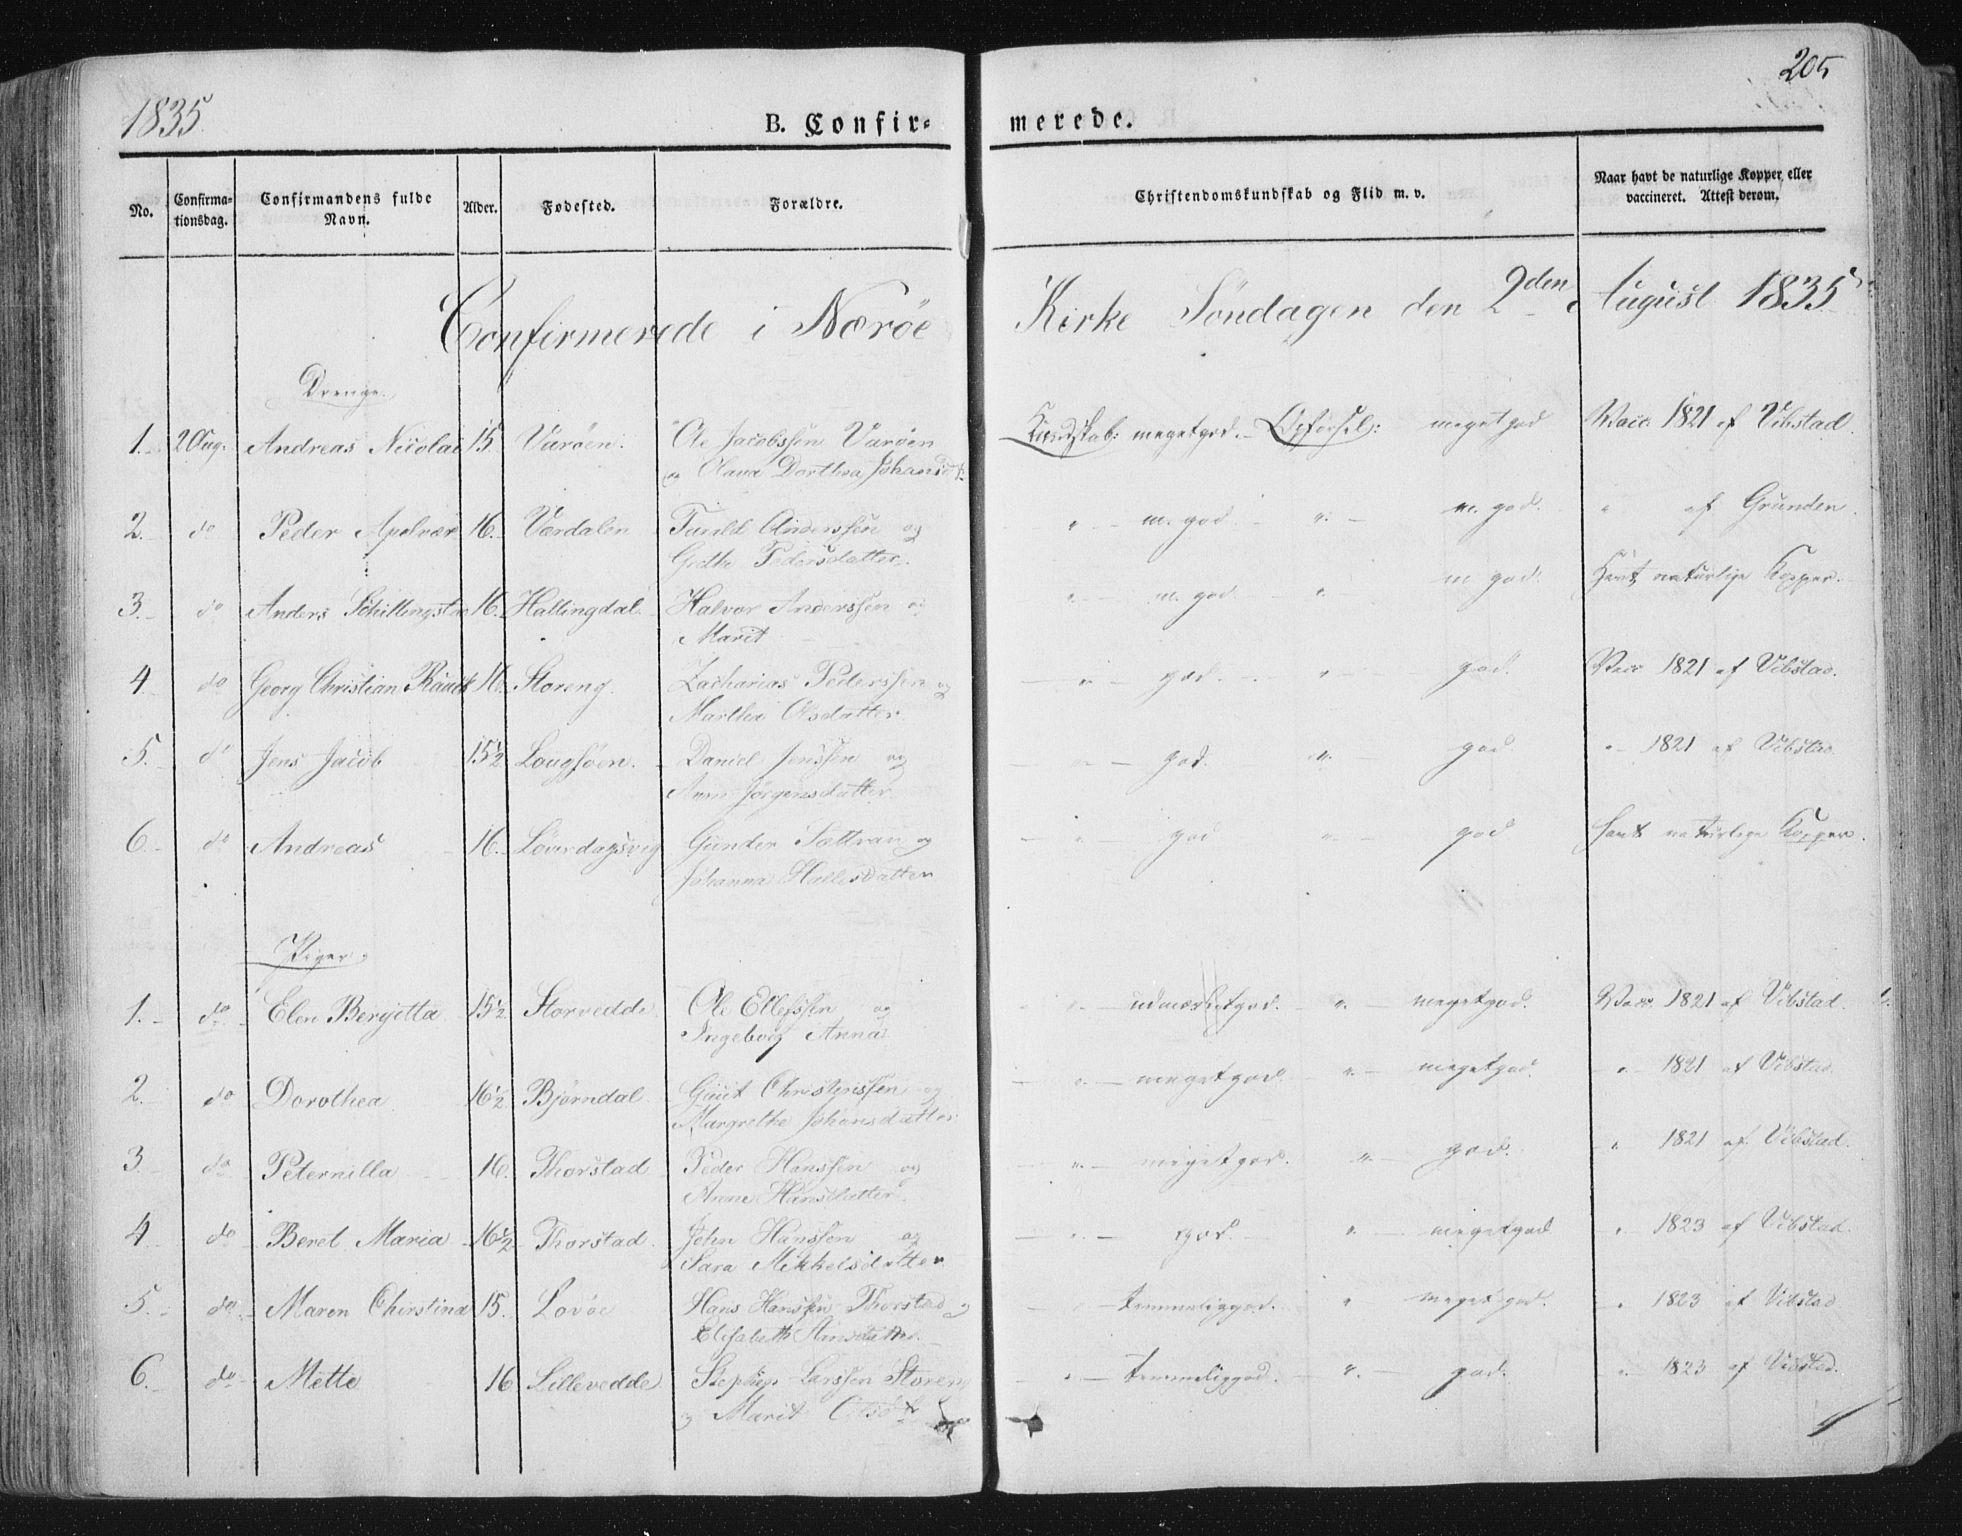 SAT, Ministerialprotokoller, klokkerbøker og fødselsregistre - Nord-Trøndelag, 784/L0669: Ministerialbok nr. 784A04, 1829-1859, s. 205